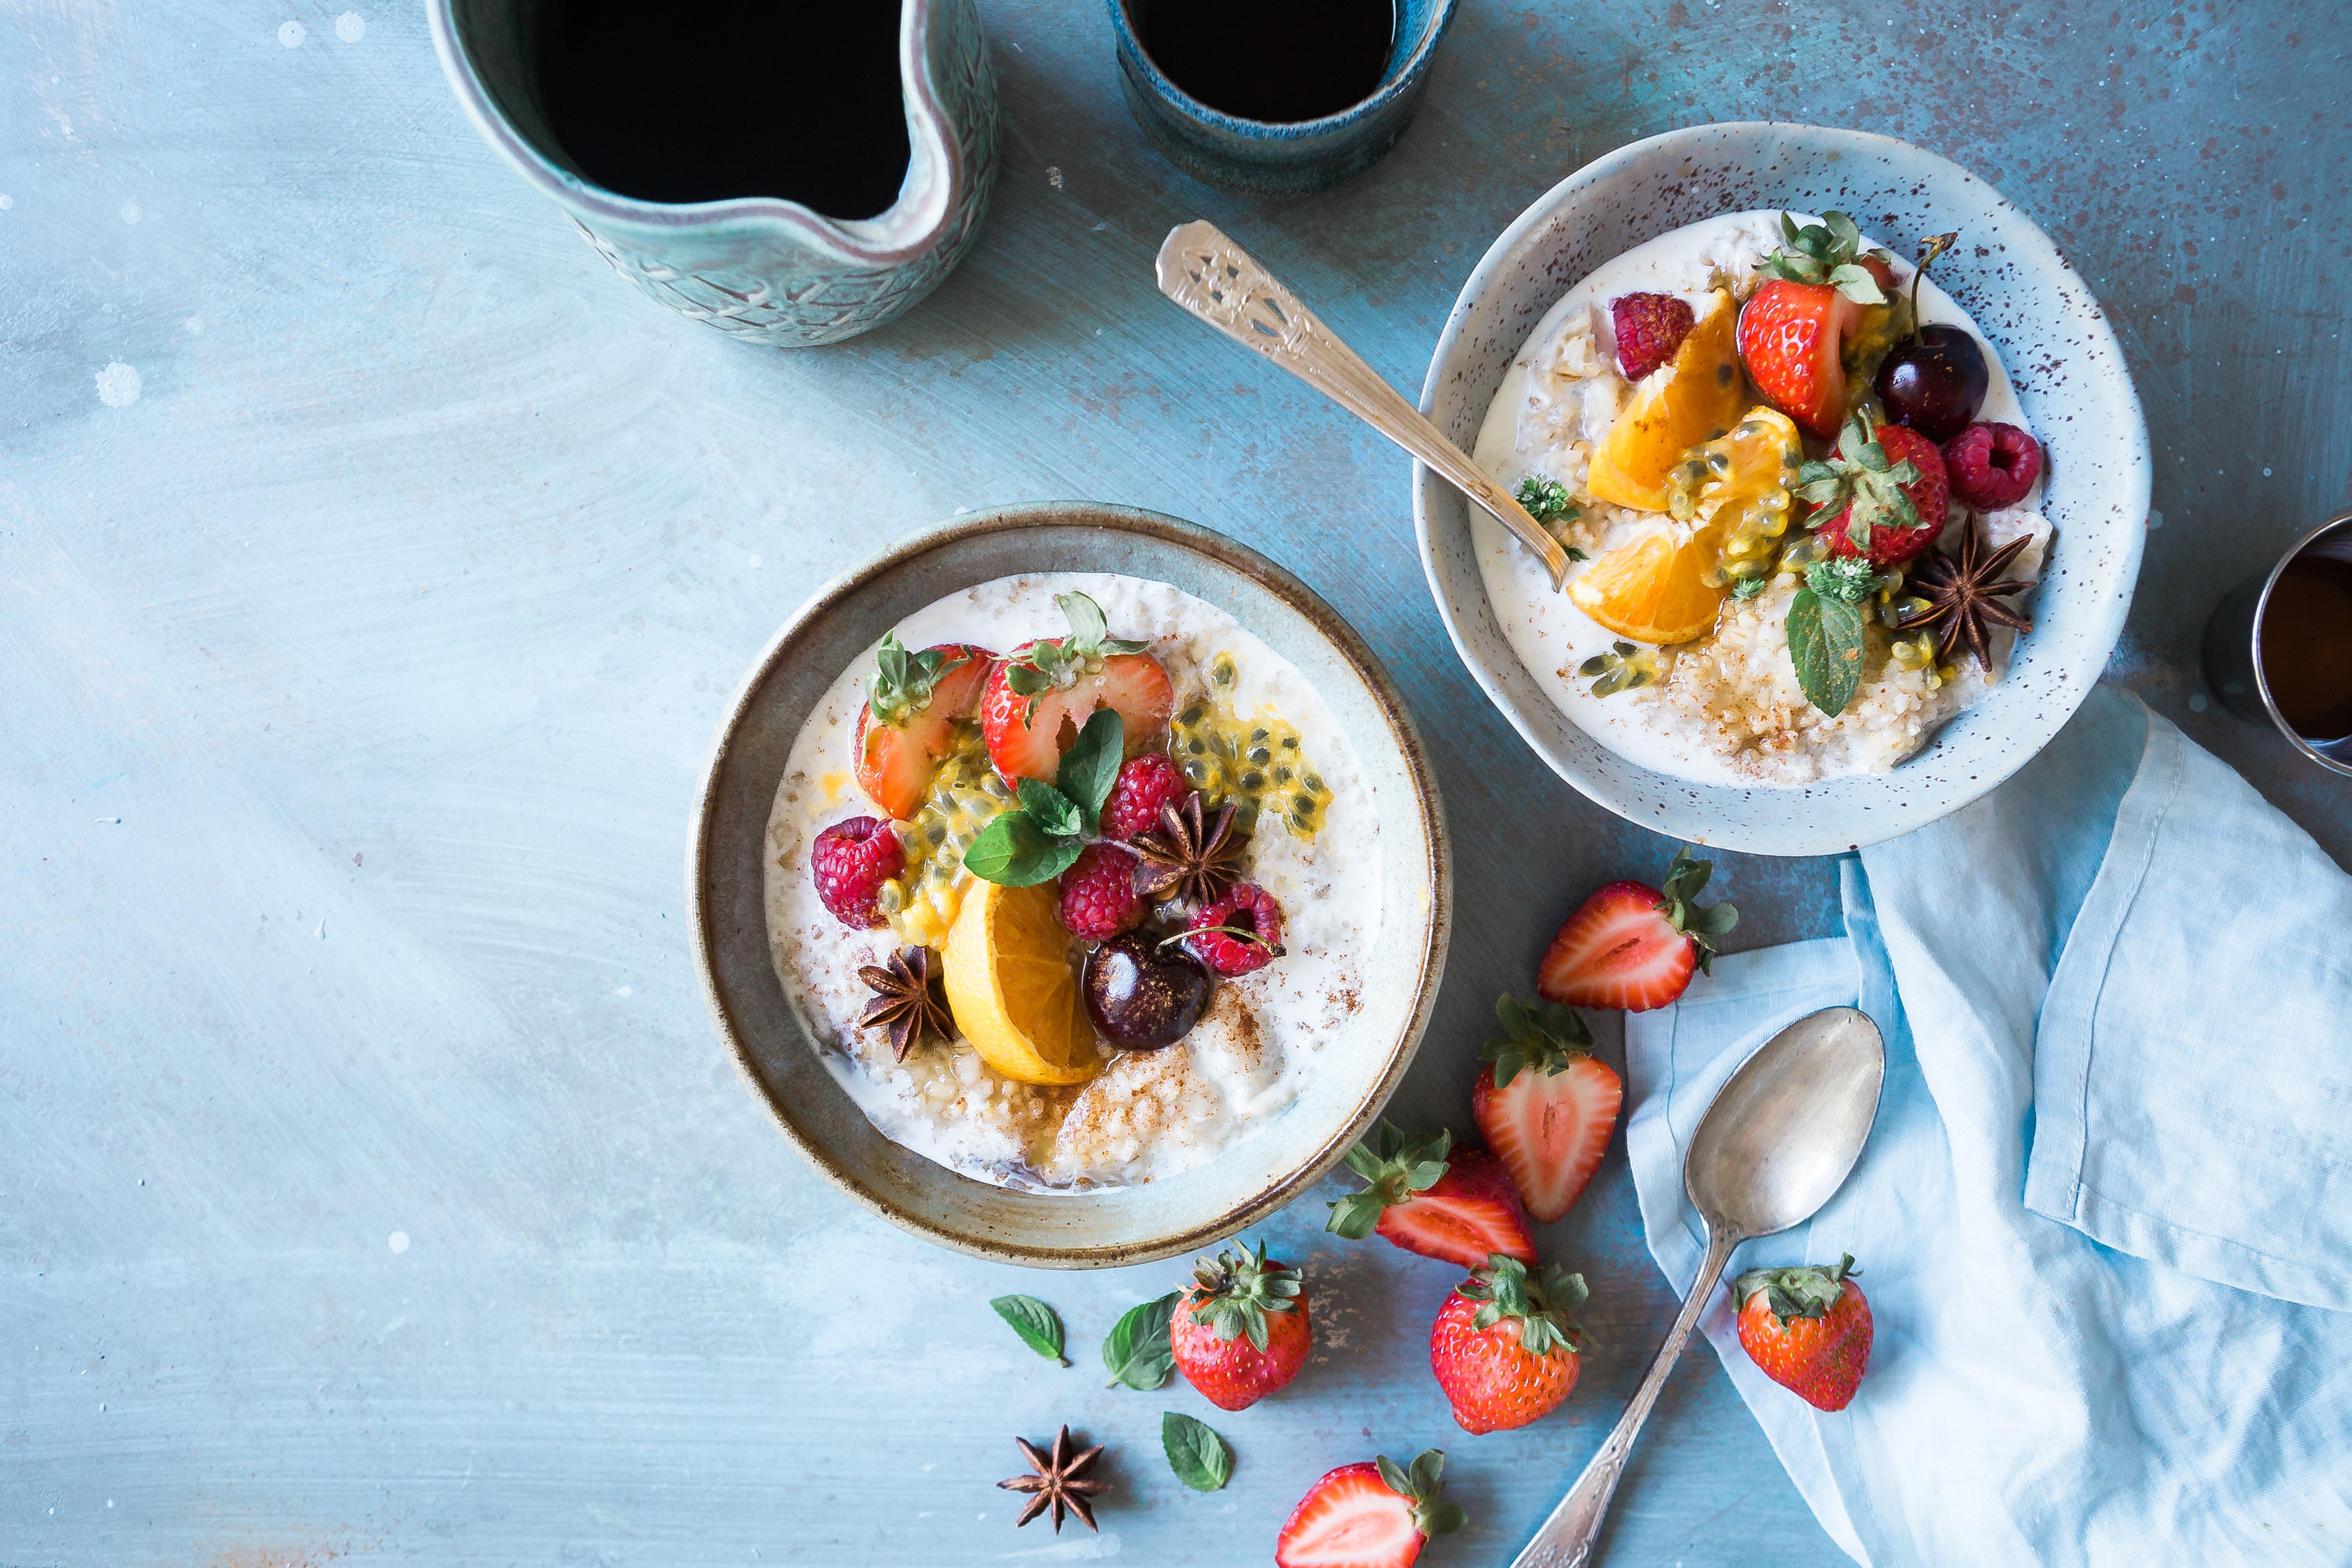 """Ako vam je ponestalo inspiracije za neke nove recepte, poslužiće vam naše ideje za brz i zdrav doručak za decu koje su razvili naši stručnjaci-saradnici u okviru programa """" Azbuka dobrih navika""""."""